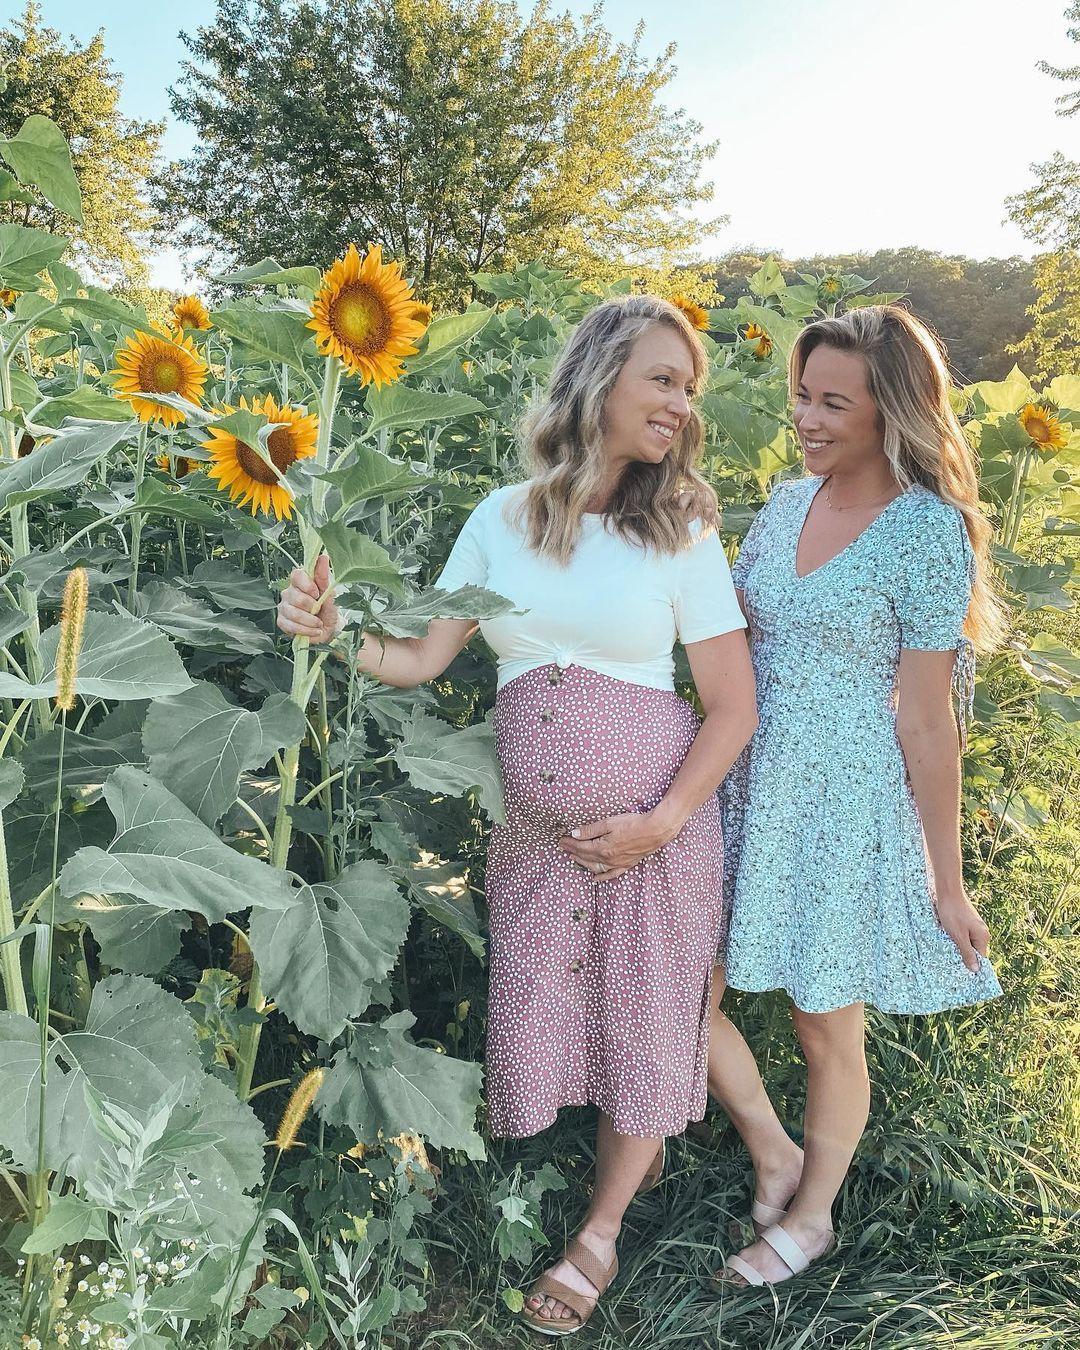 51 yaşındaki kadın kendi torununu doğurdu! Kızına yaptığı teklif herkesi şaşırttı